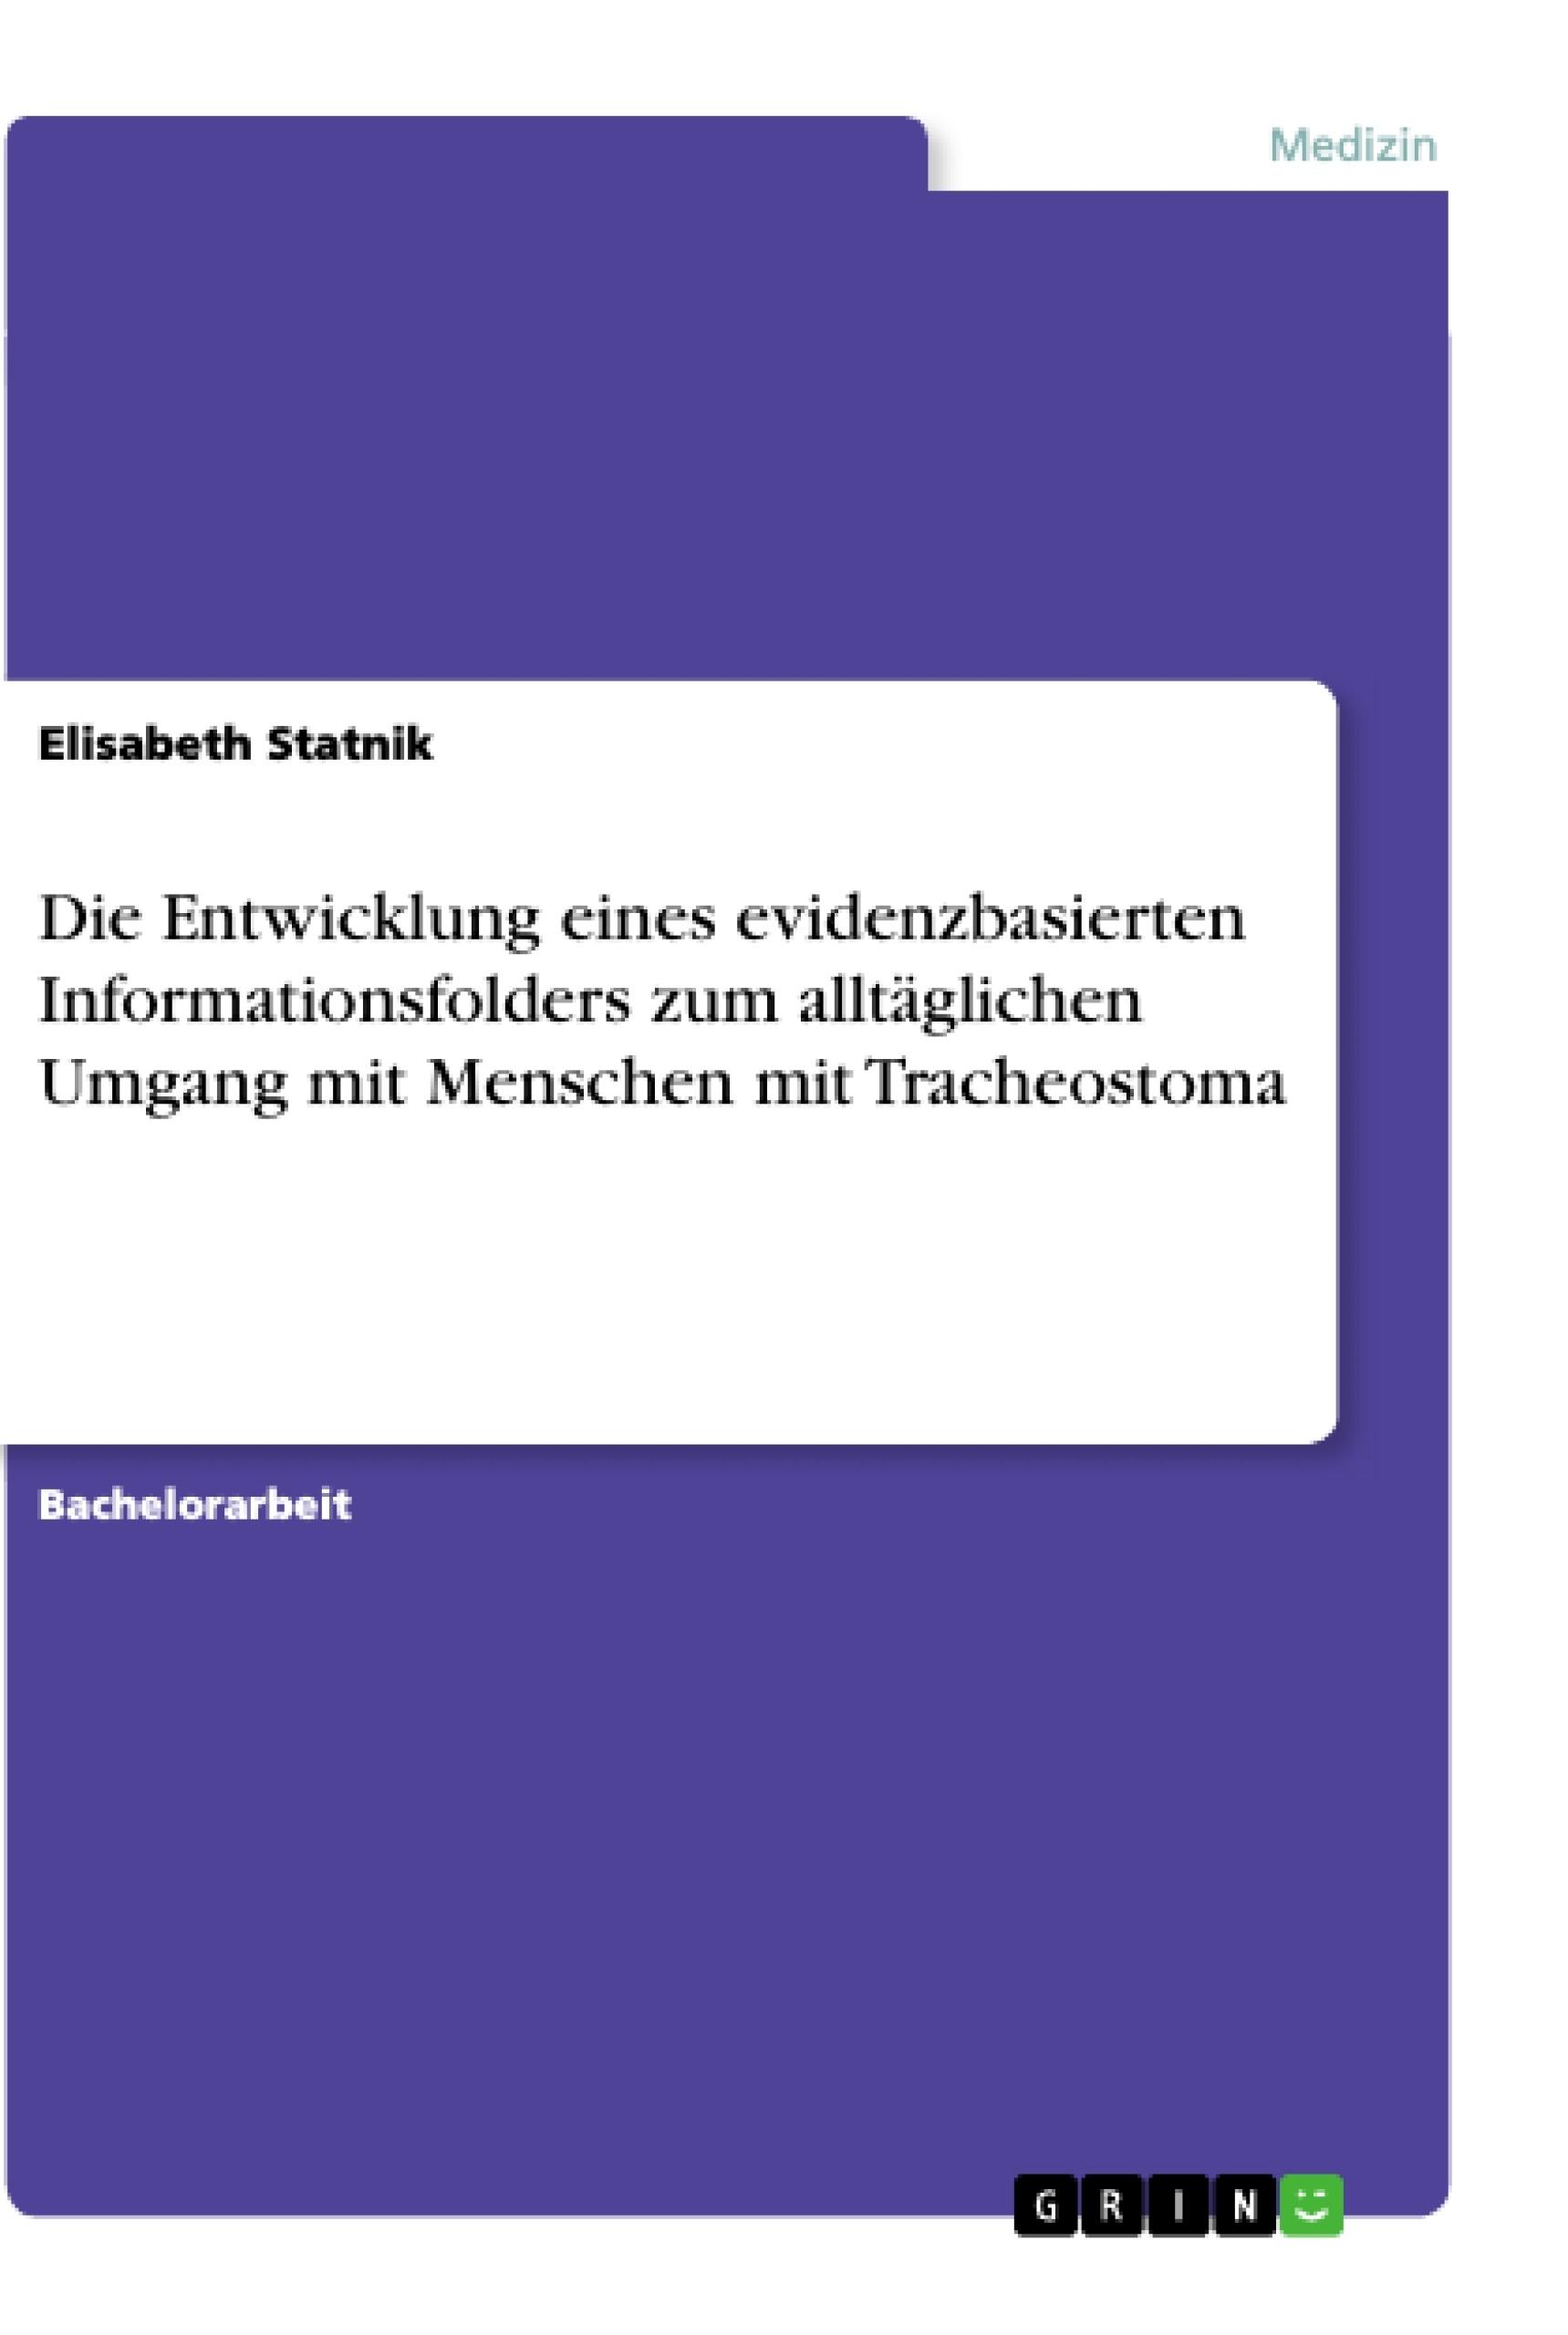 Titel: Die Entwicklung eines evidenzbasierten Informationsfolders zum alltäglichen Umgang mit Menschen mit Tracheostoma